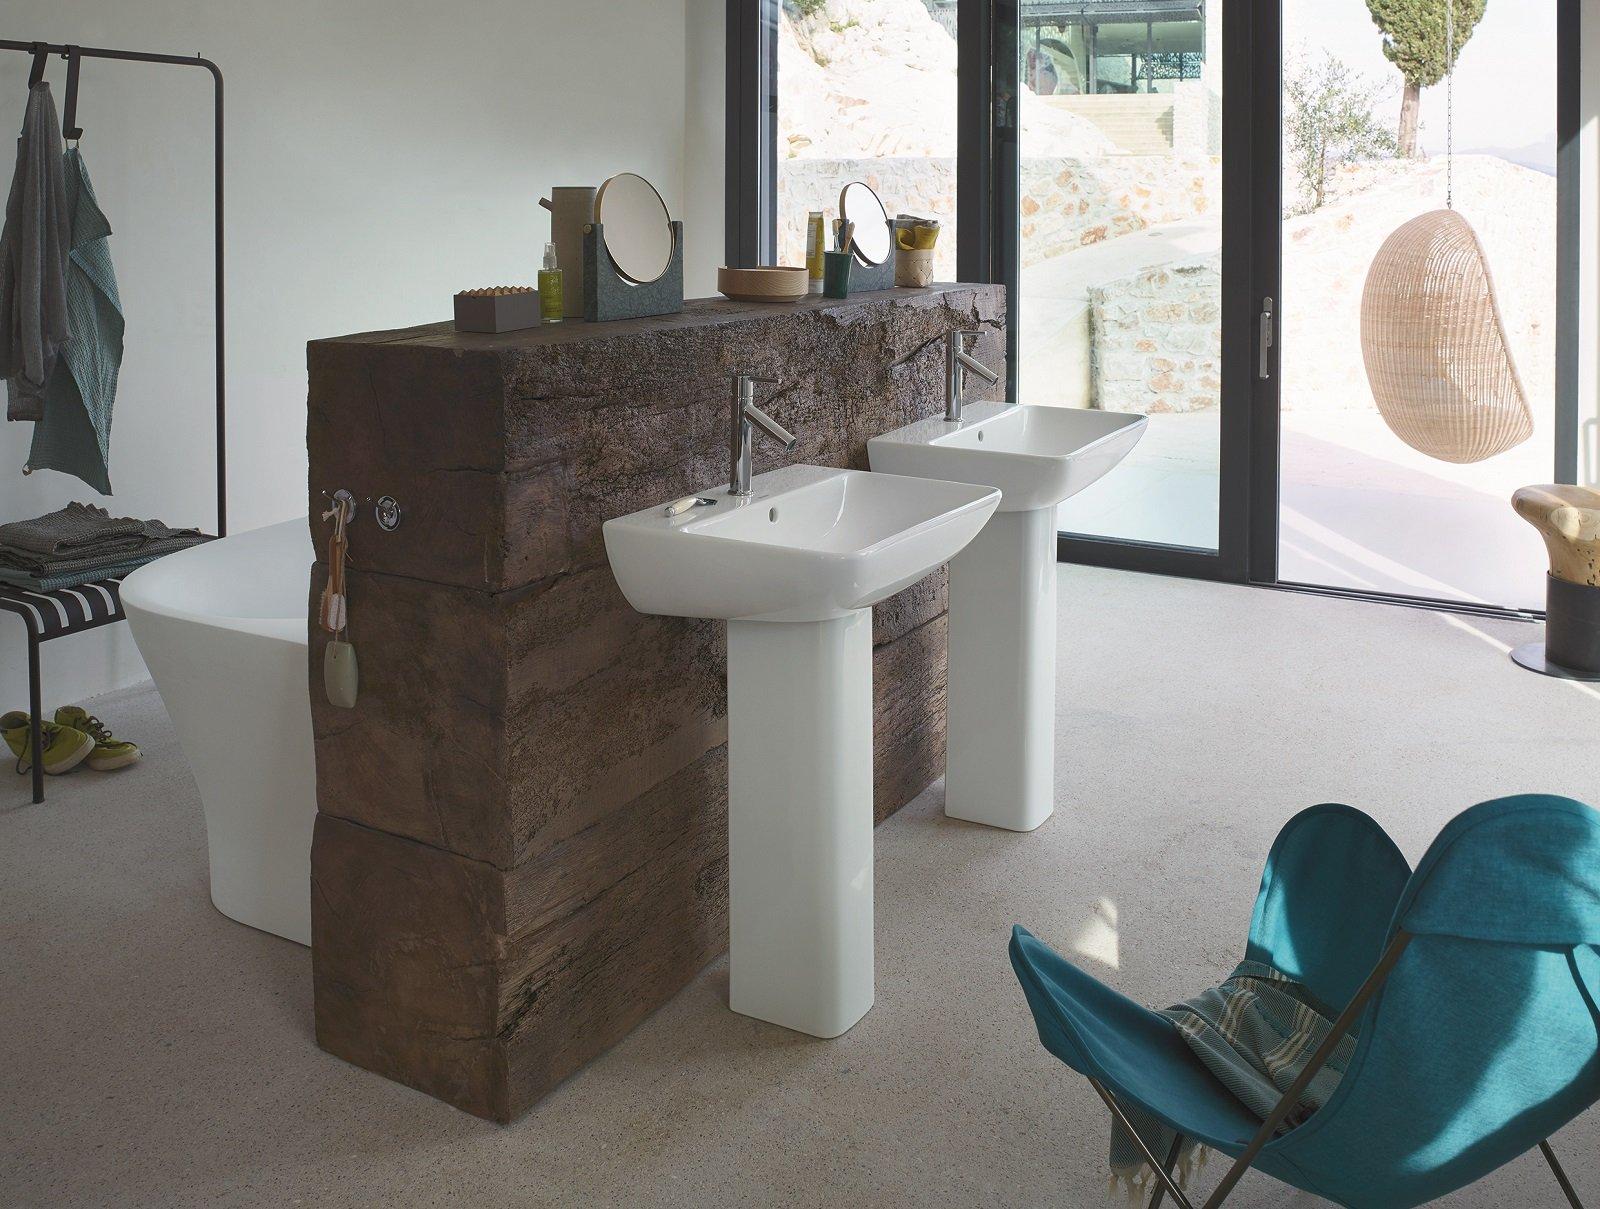 Lavabo A Colonna Design lavabo con colonna in stile classico e moderno e modelli in